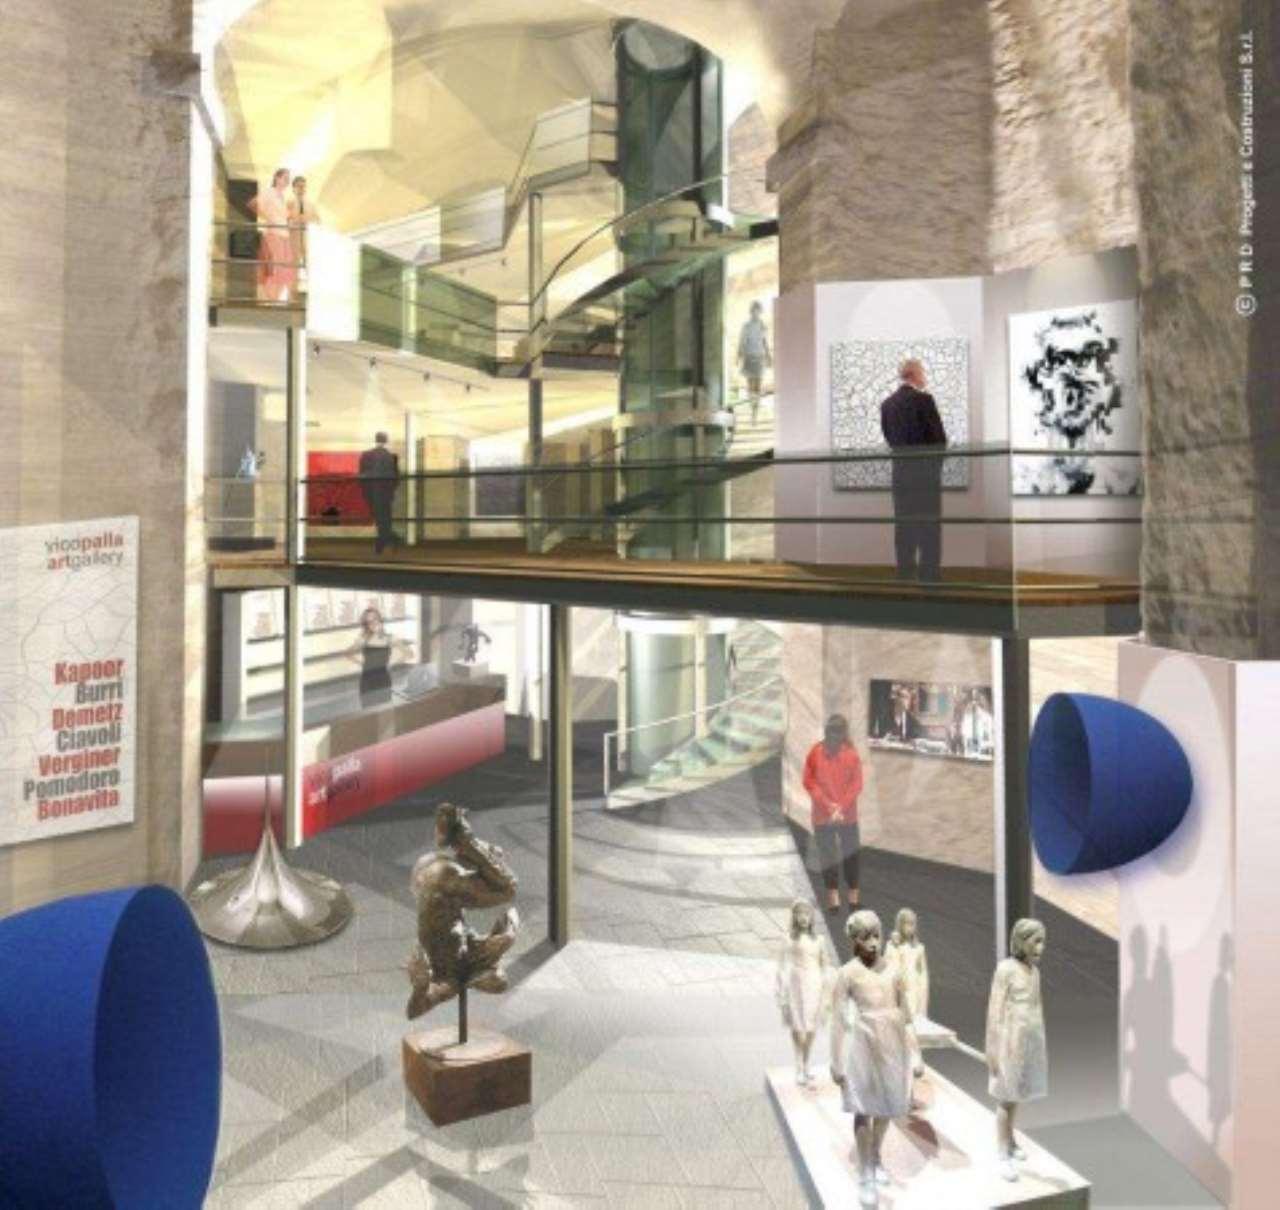 Magazzino in vendita a Genova, 1 locali, zona Zona: 1 . Centro, Centro Storico, prezzo € 520.000 | CambioCasa.it